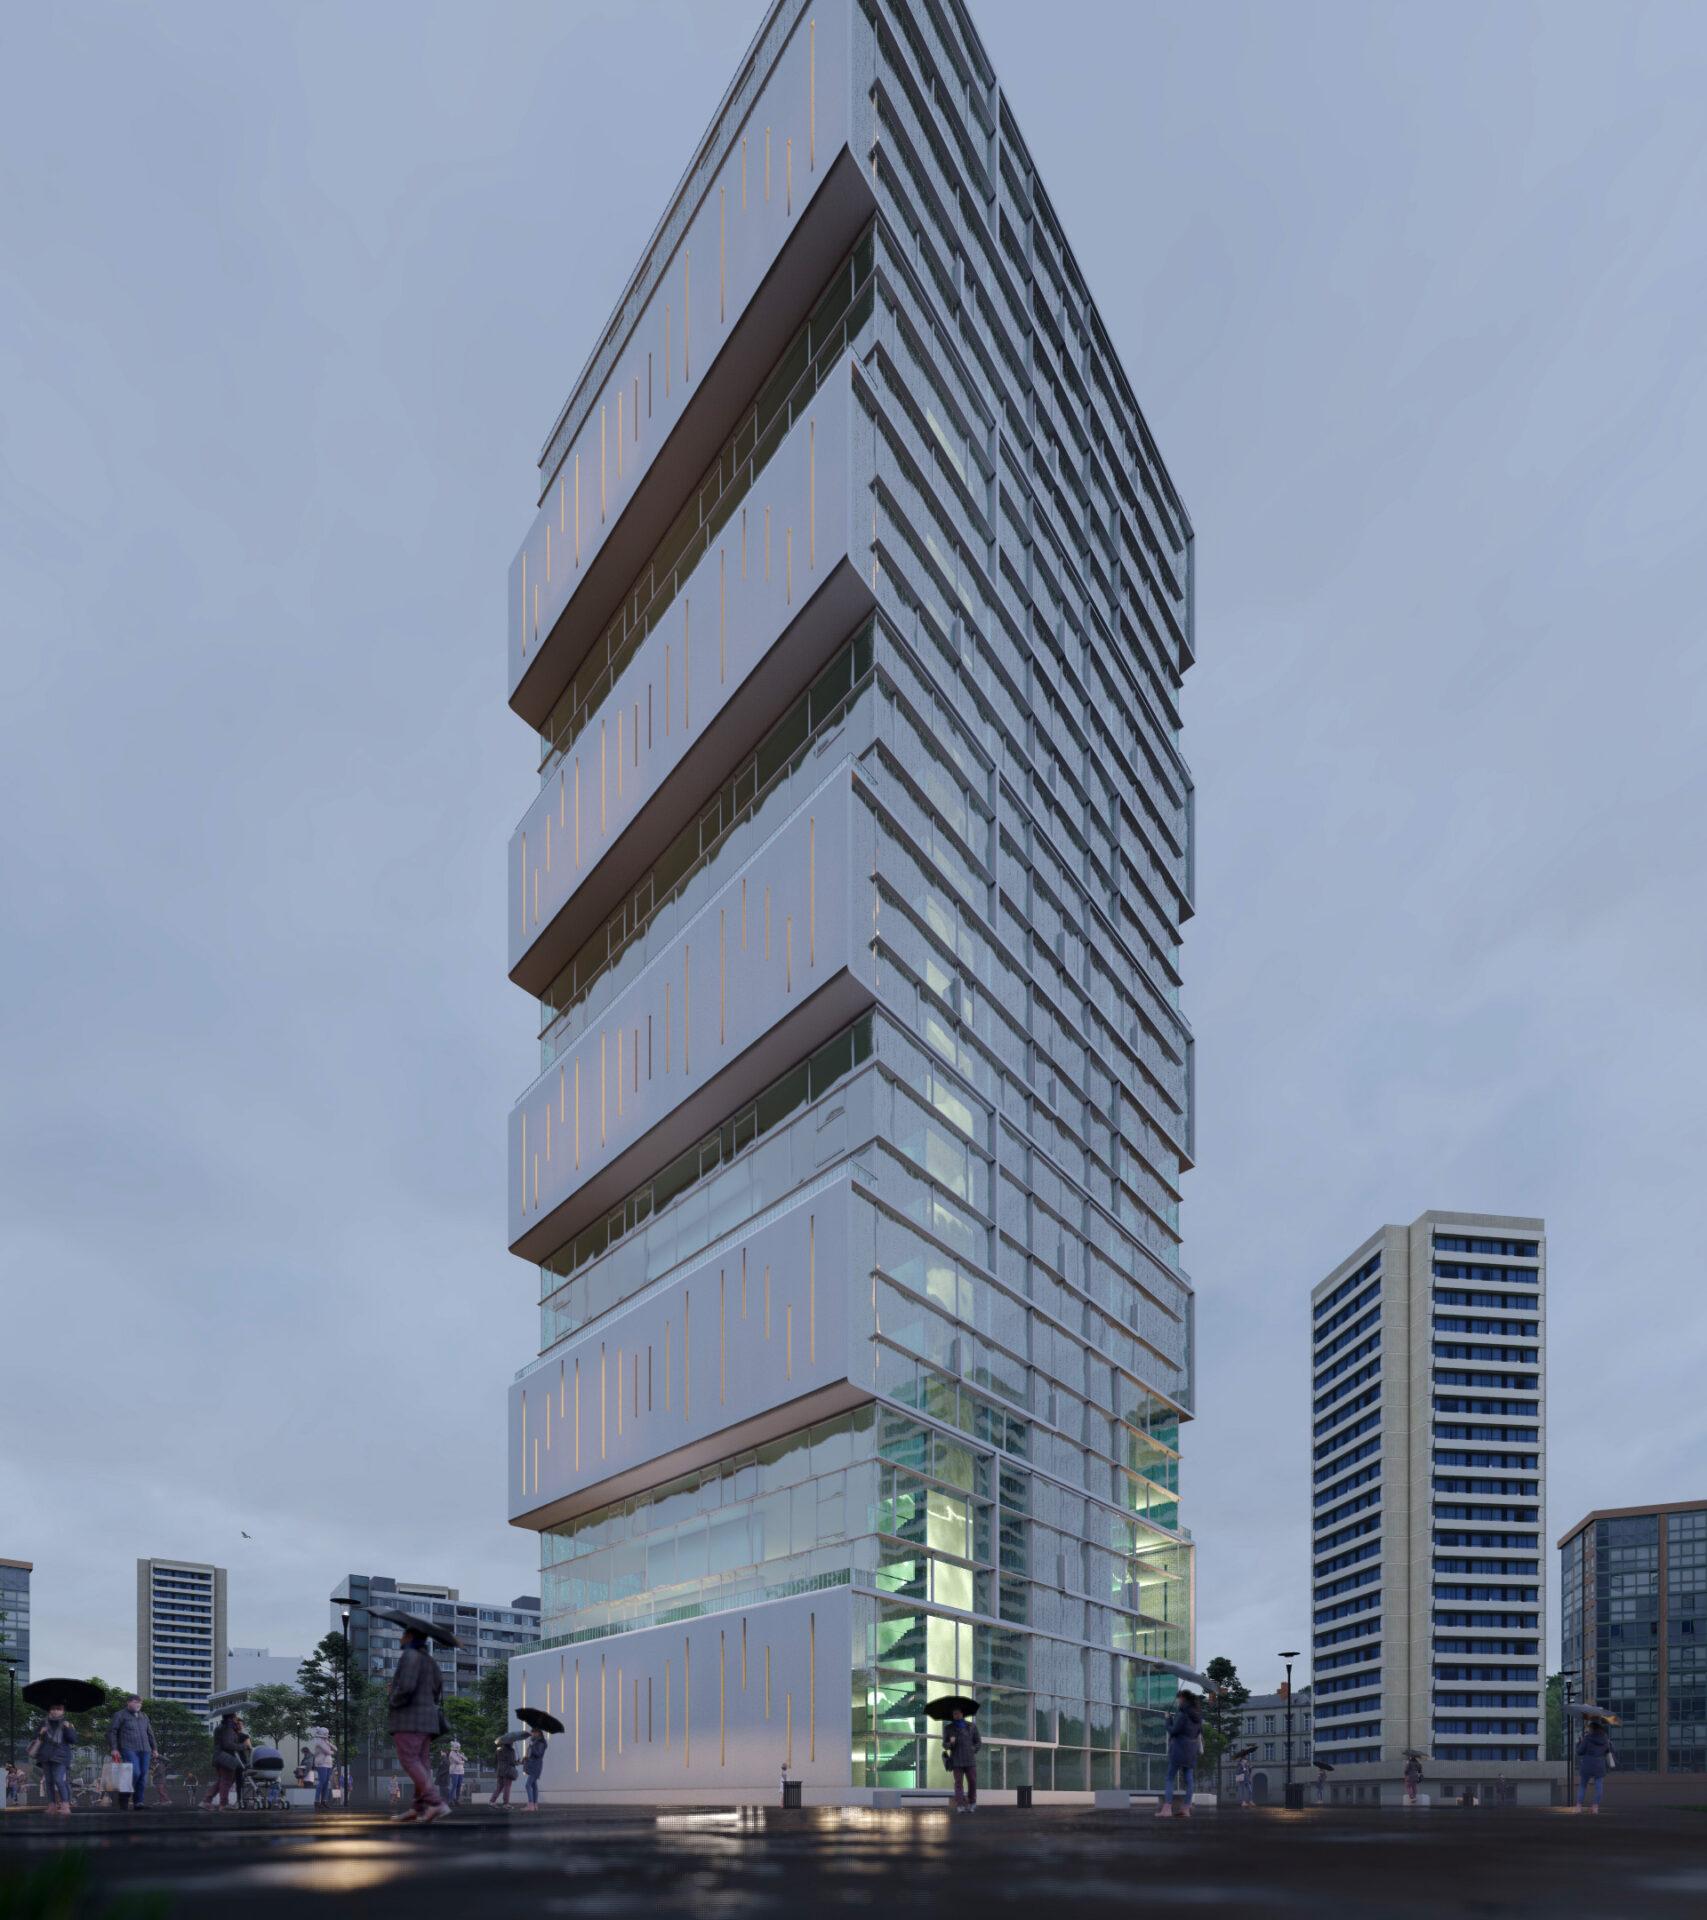 arhitektuurne 3d pilt hoone visualiseerimine 181